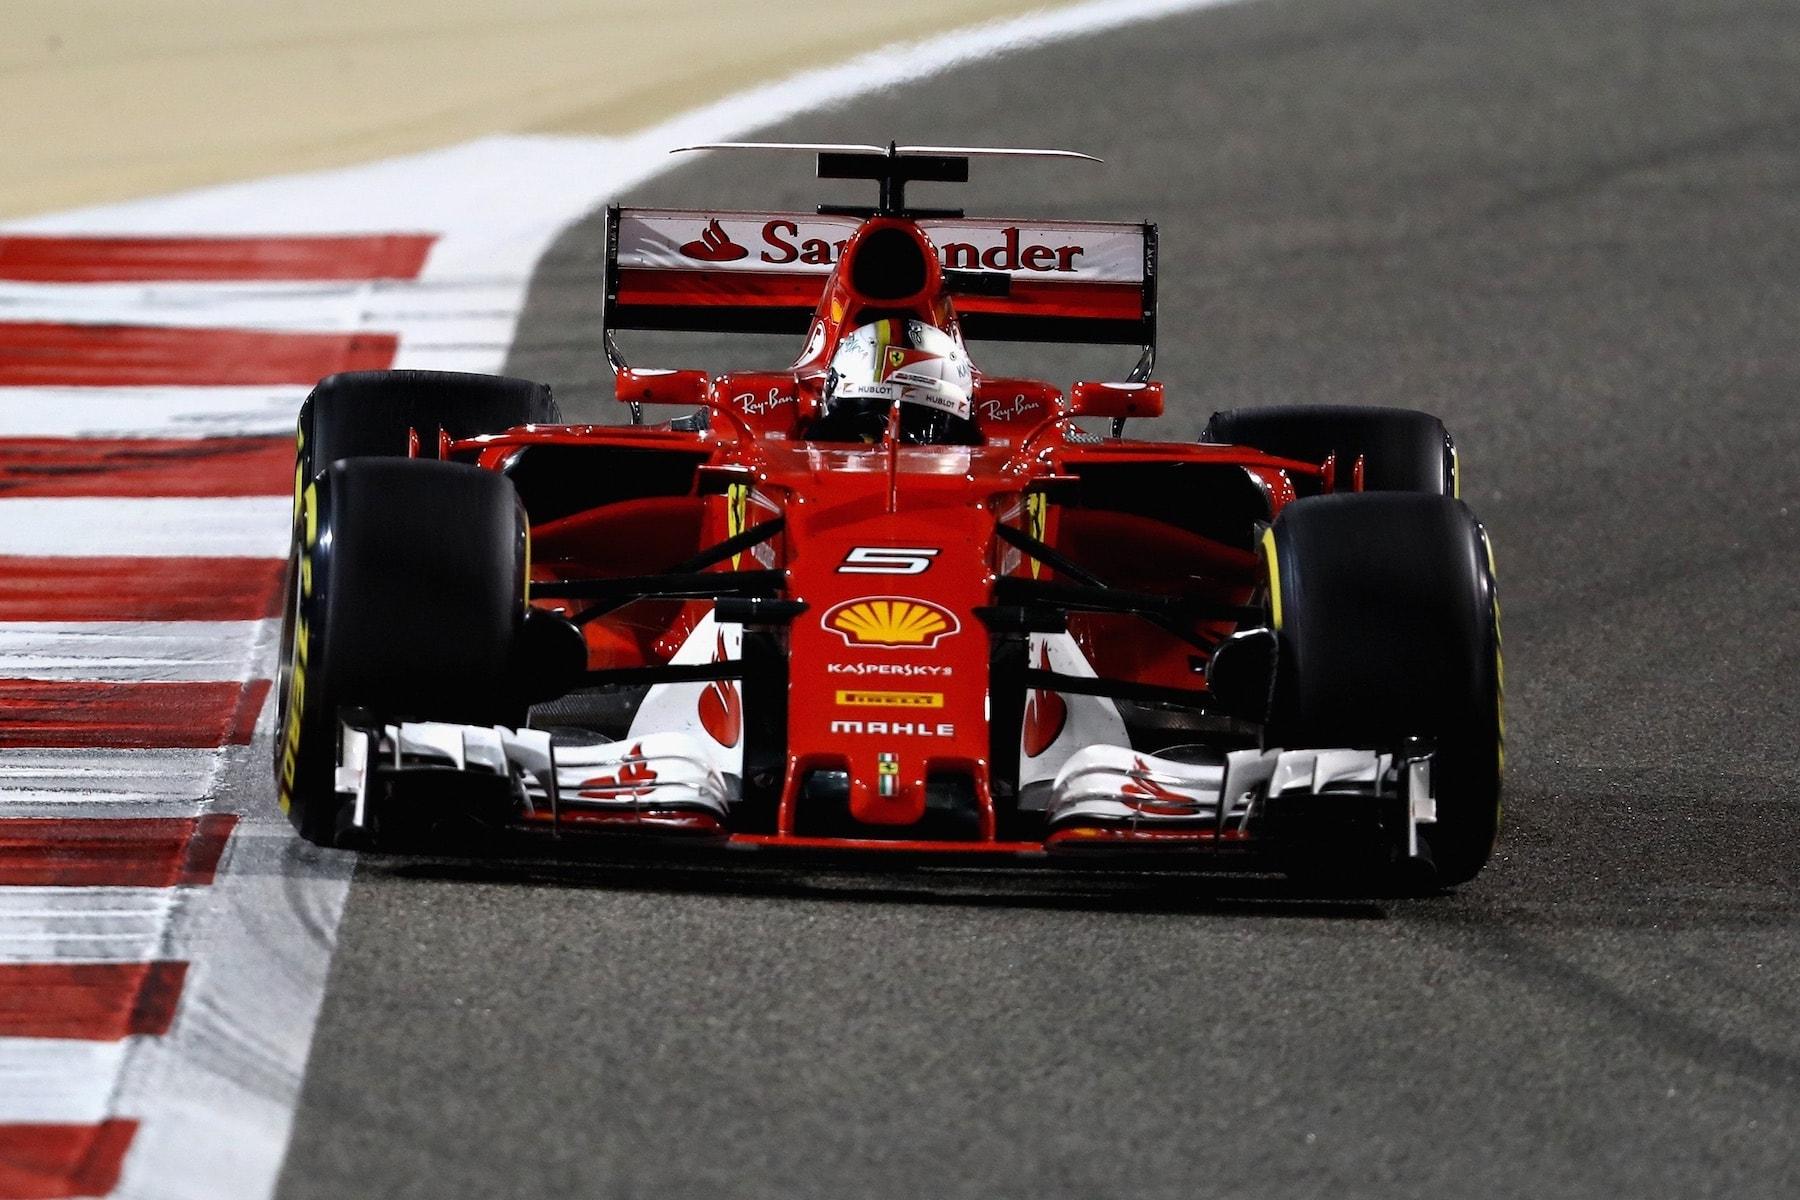 H 2017 Sebastian Vettel   Ferrari SF70H   2017 Bahrain GP P1 2 copy.jpg